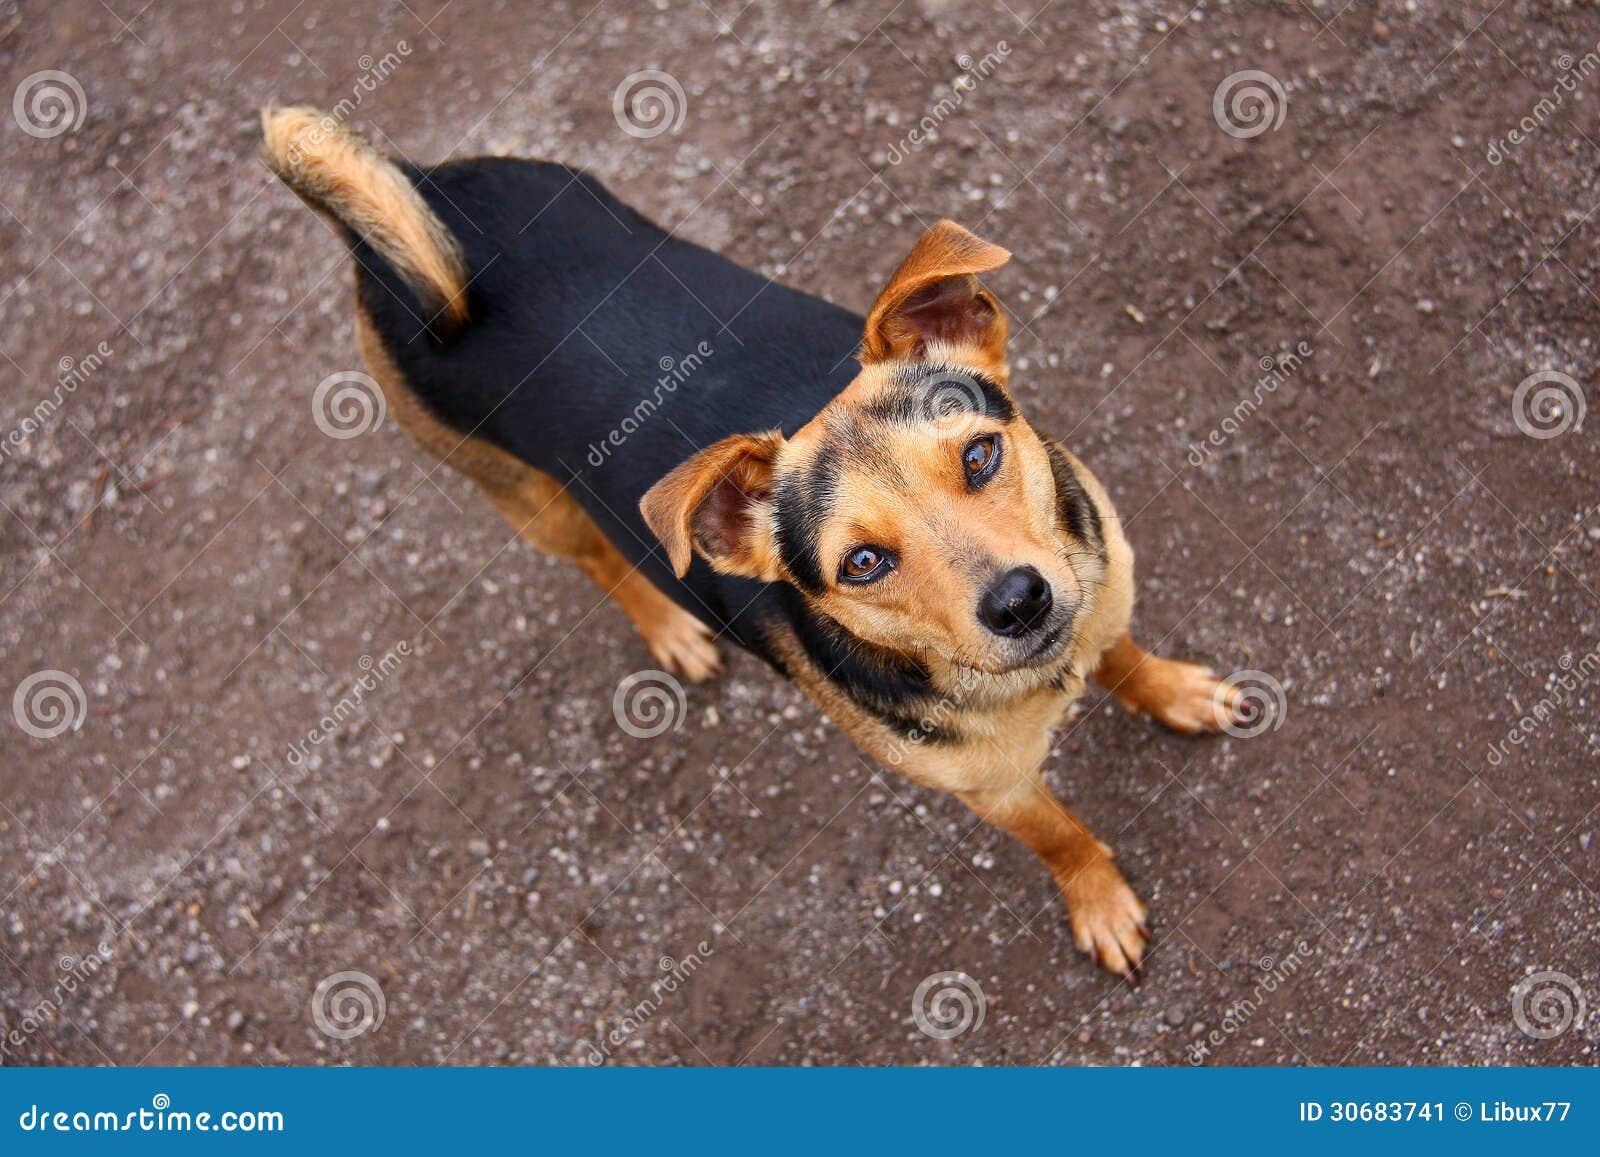 Dog Looking Upward Stock Image Image 30683741